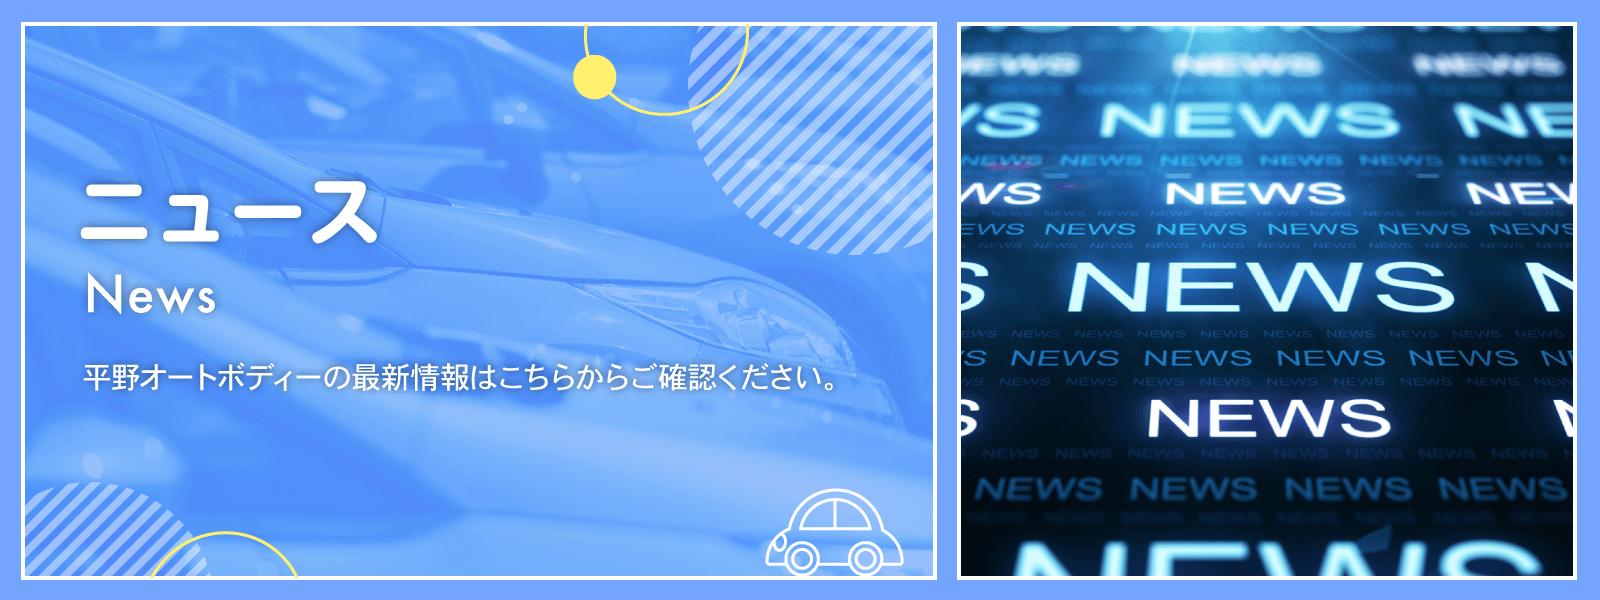 平野オートボディの最新情報はこちらからご確認ください。